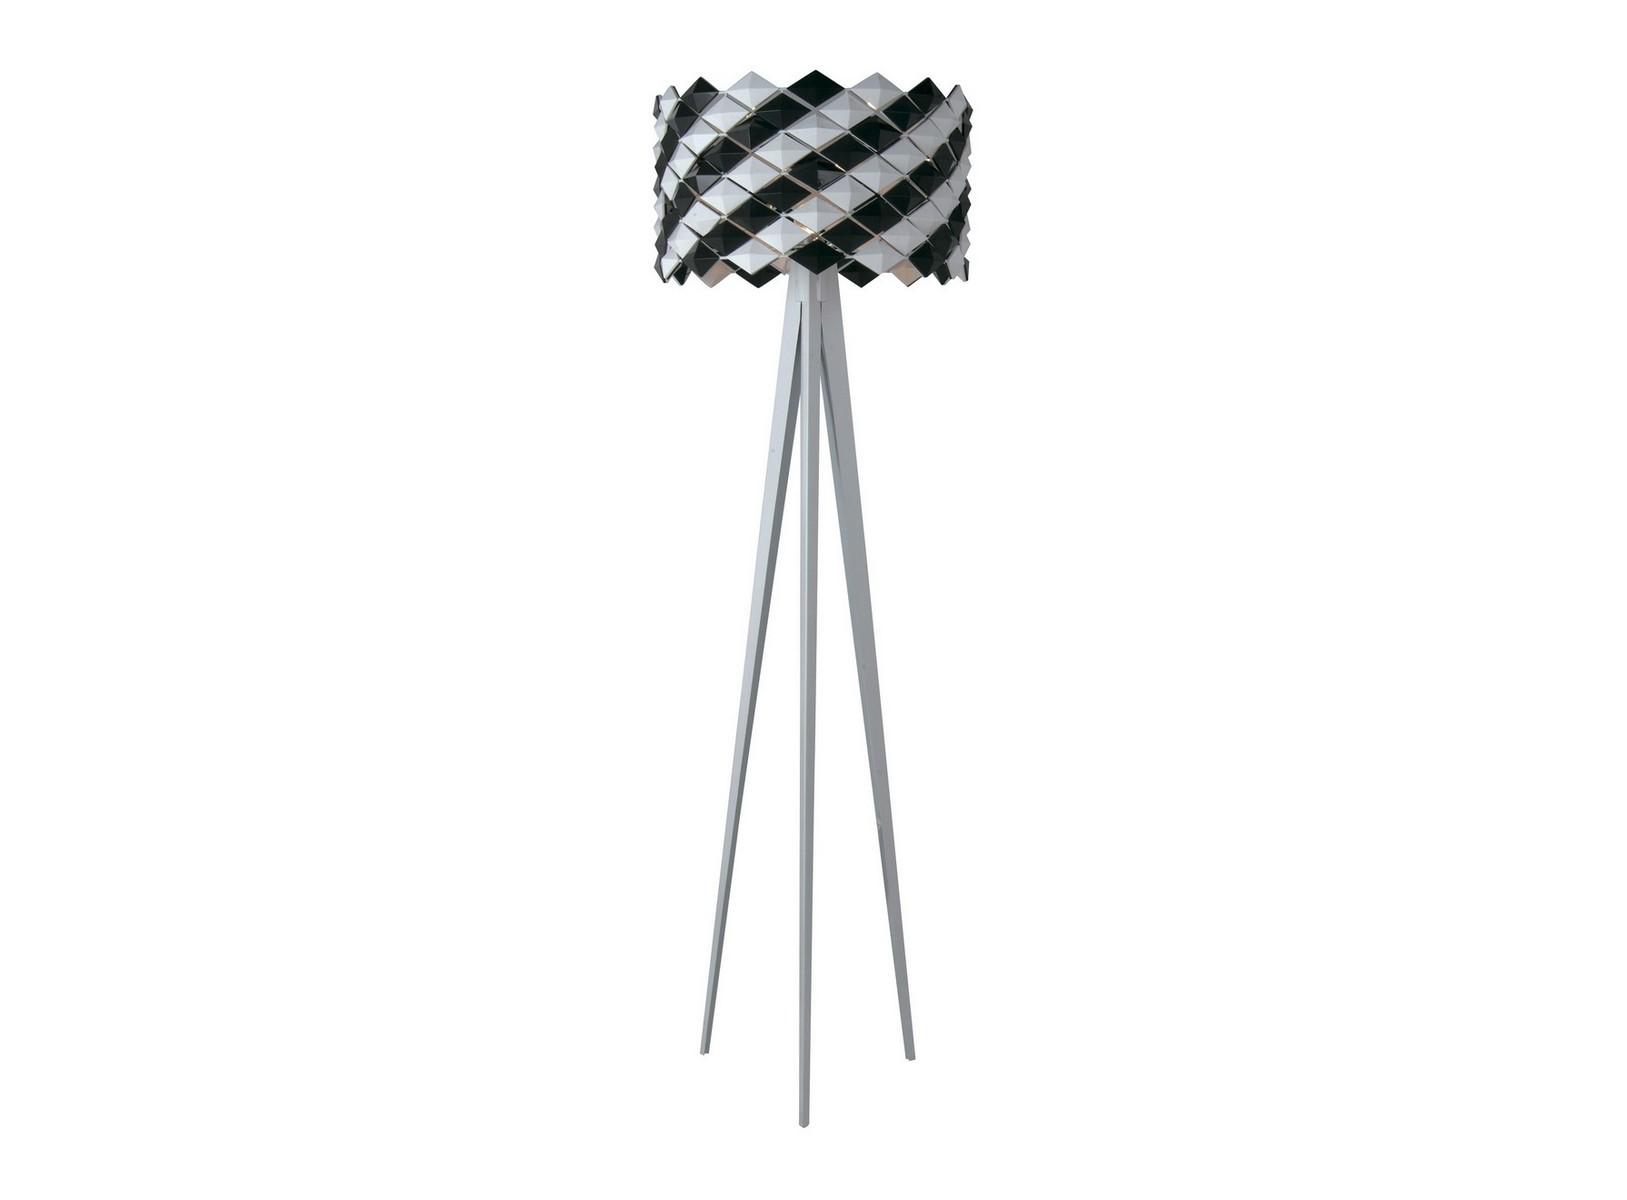 Торшер Denisa FloorТоршеры<br>Надоели классические лампы? Тогда обратите внимание на это оригинальное изделие! Лампа Denisa идеально подойдет для смелых интерьеров. Его незамысловатая форма идеально впишется практически в любой современный интерьер. Однако, благодаря своей главной изюминке - яркой контрастной расцветке и форме отделки лампы, данное изделие станет главным украшением современного интерьера.&amp;lt;div&amp;gt;&amp;lt;br&amp;gt;&amp;lt;/div&amp;gt;&amp;lt;div&amp;gt;&amp;lt;div&amp;gt;Вид цоколя:Е27&amp;lt;/div&amp;gt;&amp;lt;div&amp;gt;Мощность лампы: 40W&amp;lt;/div&amp;gt;&amp;lt;div&amp;gt;Количество ламп: 1&amp;lt;/div&amp;gt;&amp;lt;div&amp;gt;Наличие ламп: нет&amp;lt;/div&amp;gt;&amp;lt;/div&amp;gt;<br><br>Material: Металл<br>Высота см: 150